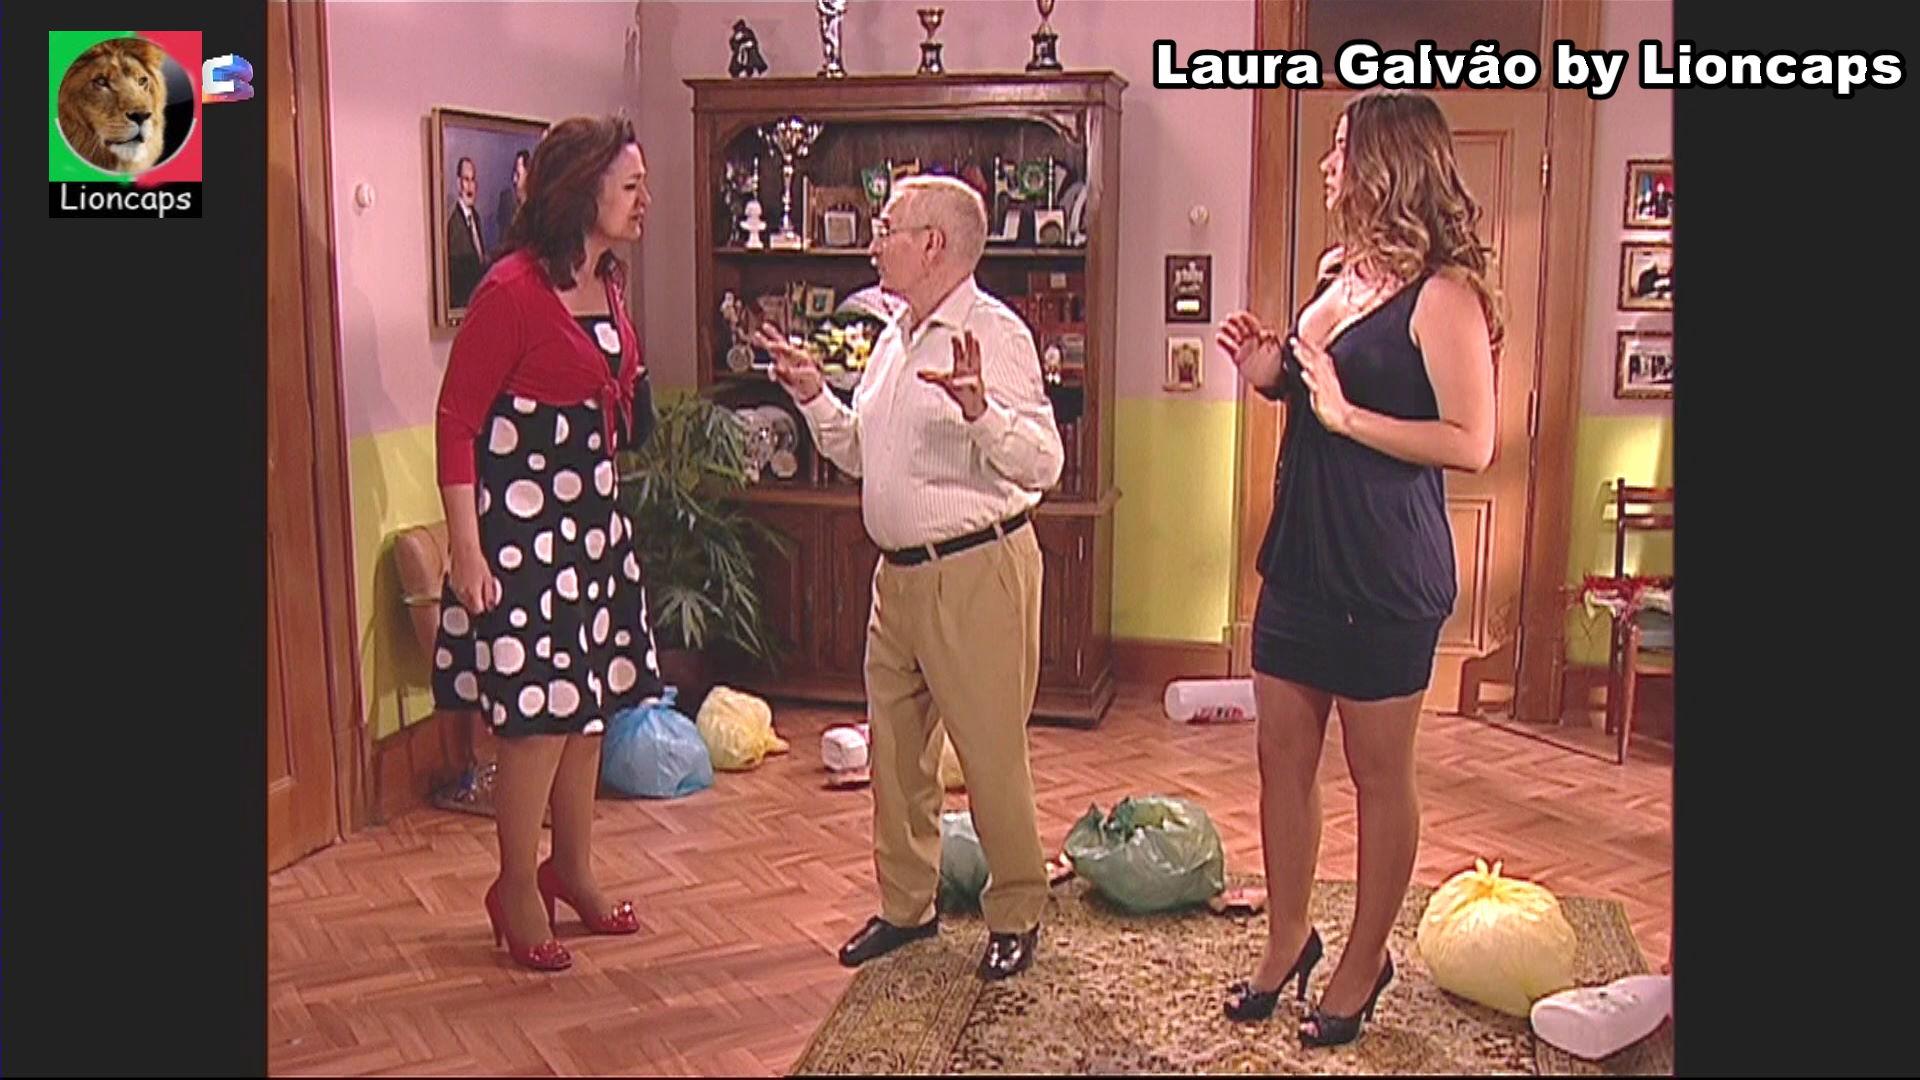 874626347_laura_galvao_vs181215_06312_122_32lo.JPG